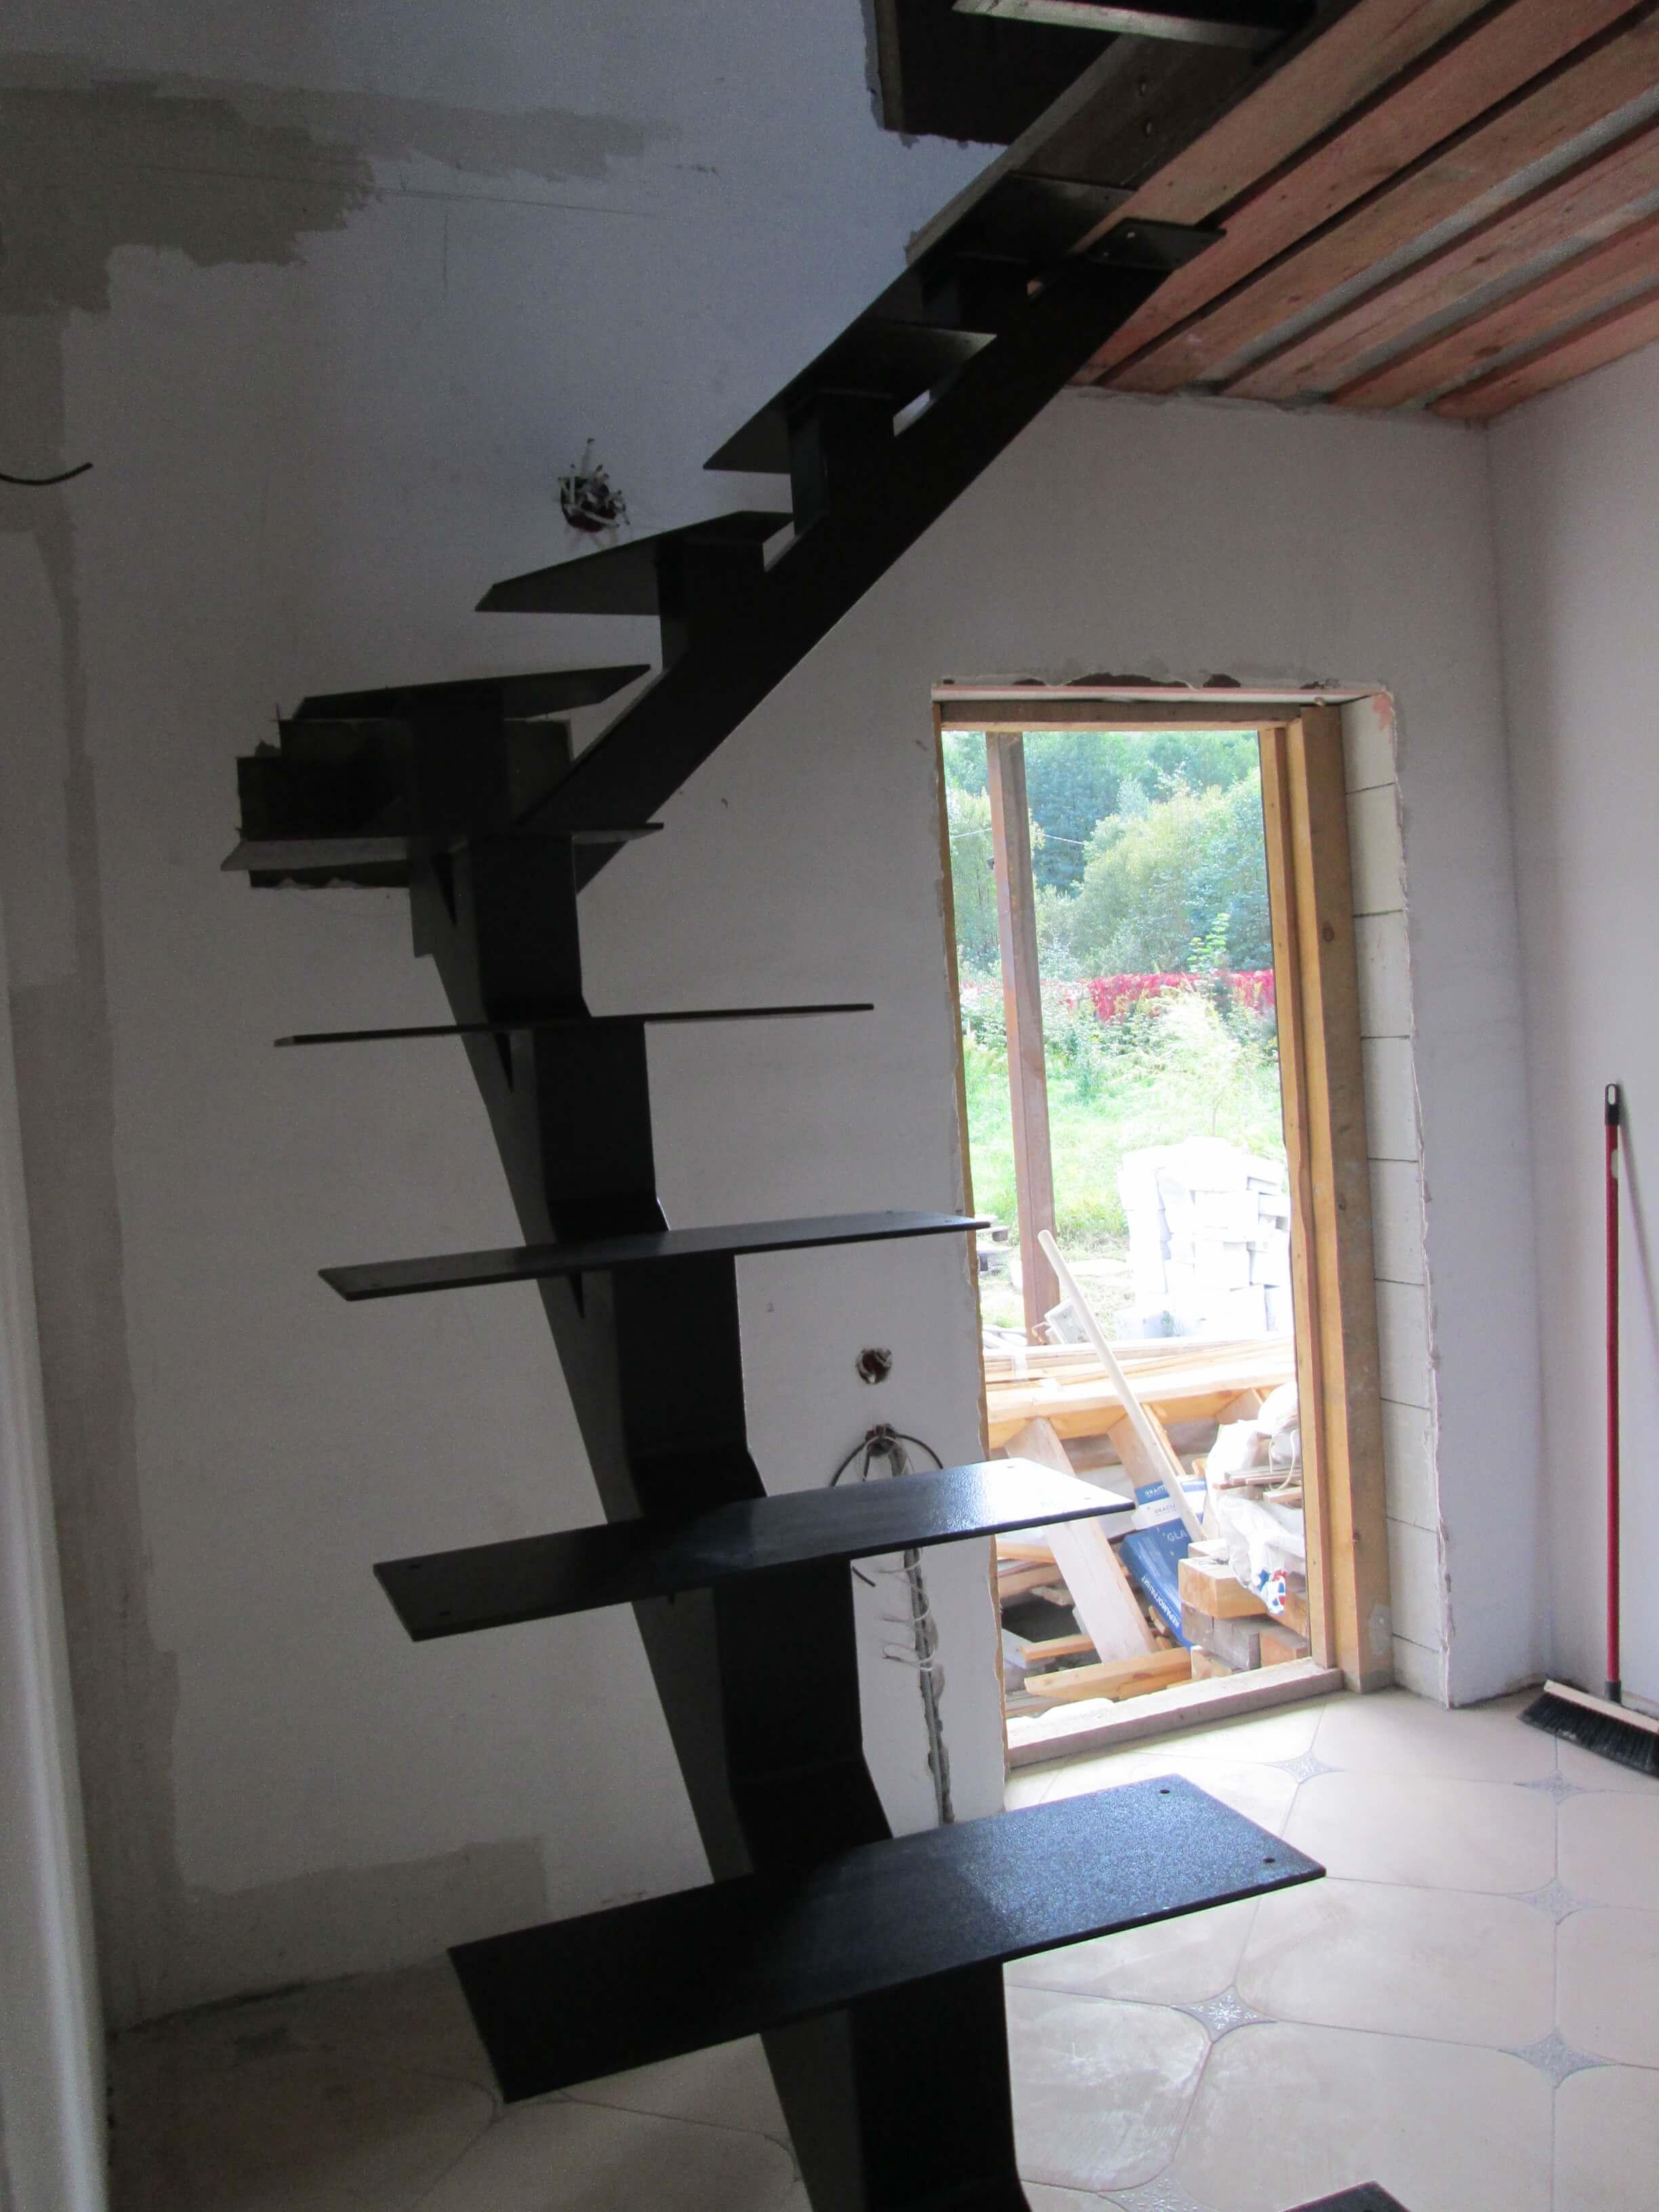 Стальные каркасы лестниц в дом на второй этаж